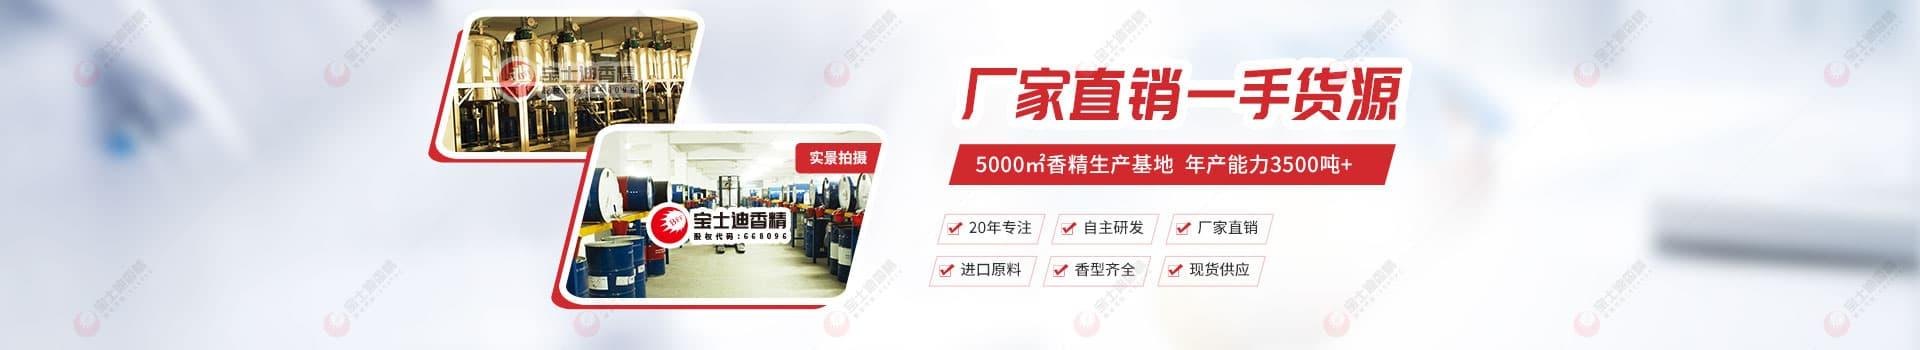 万博官网登录入口新万博manbetx体育app下载-厂家直销佛香新万博manbetx体育app下载